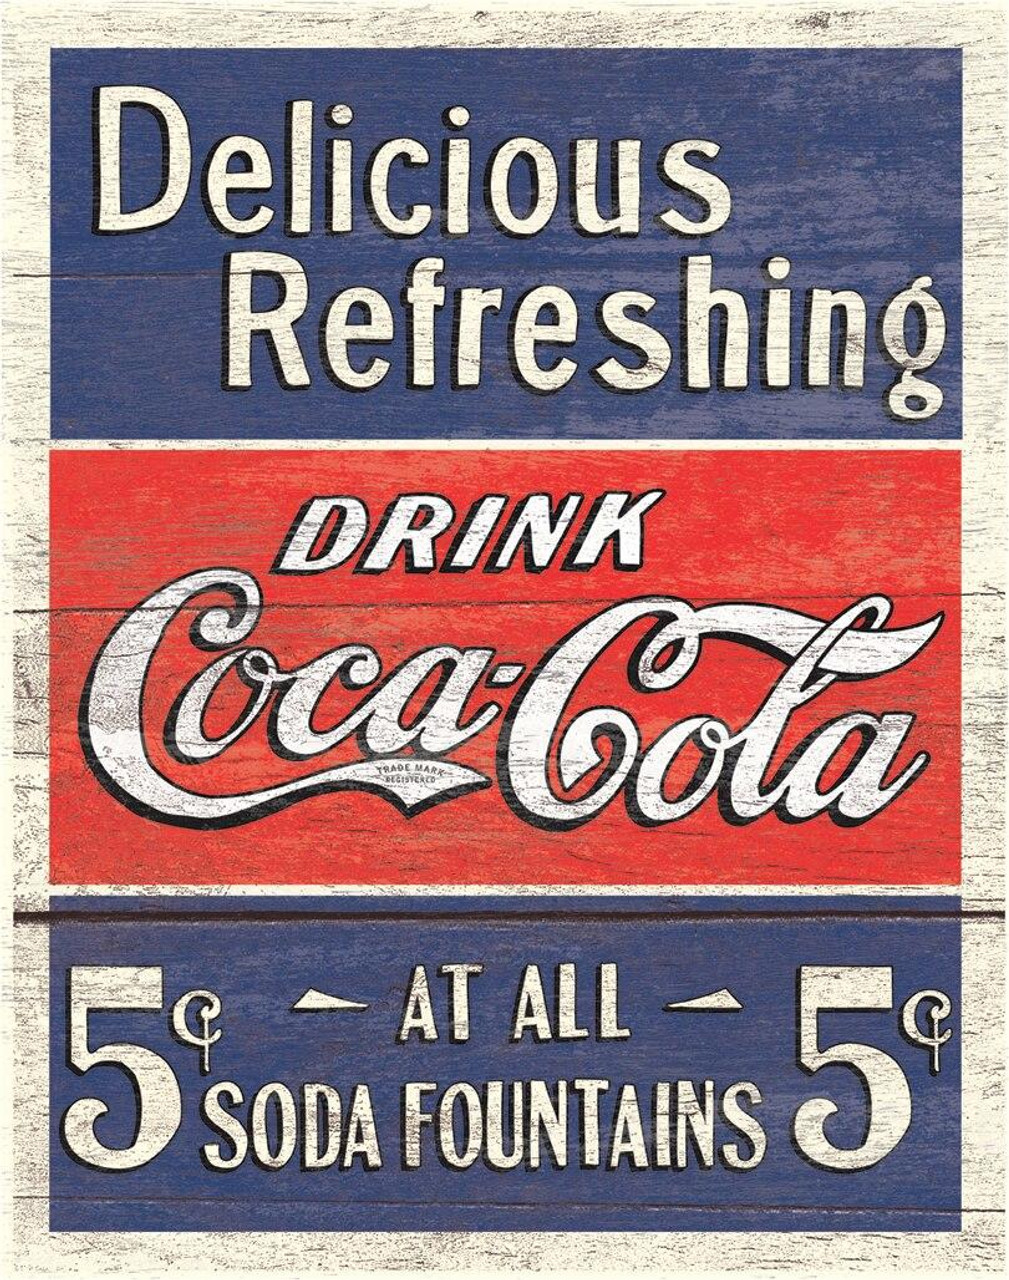 Coca-Cola COKE - Delicious 5 Cents